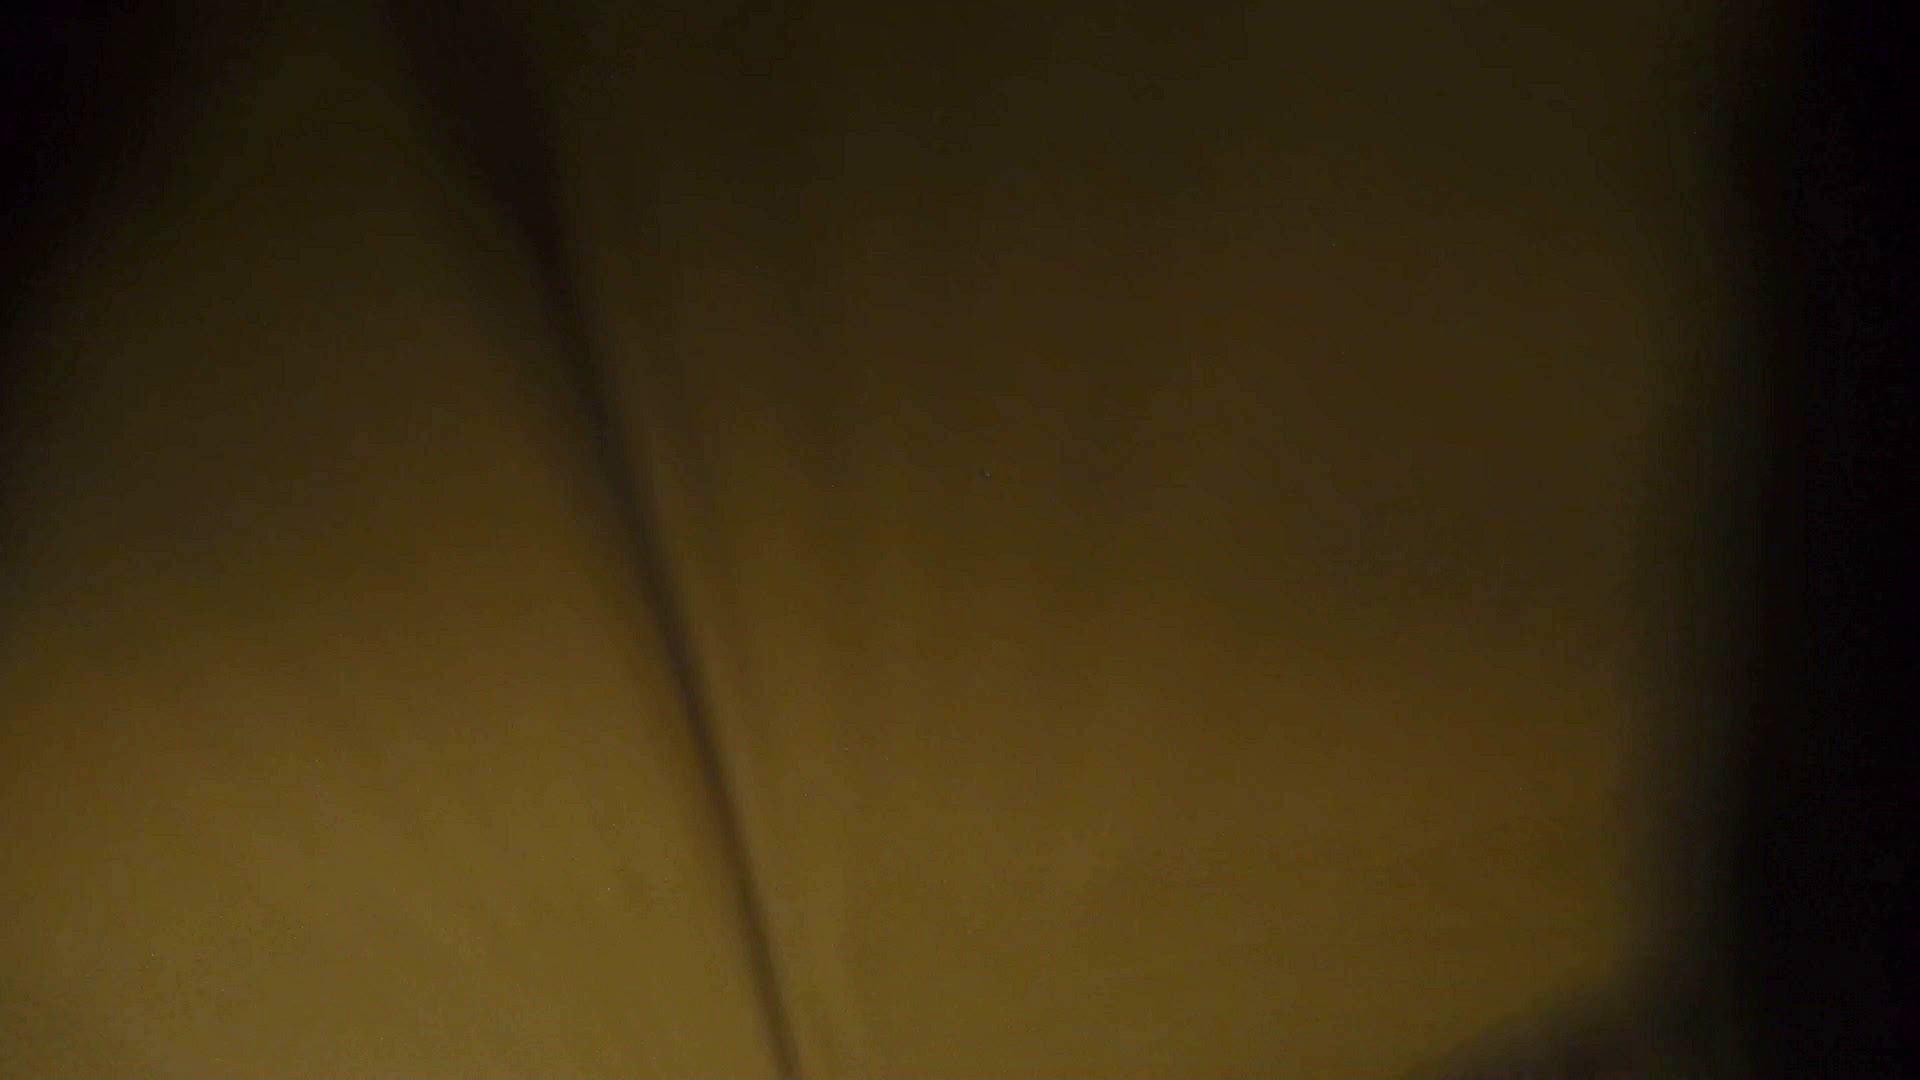 阿国ちゃんの「和式洋式七変化」No.4 和式   洗面所  84PIX 15